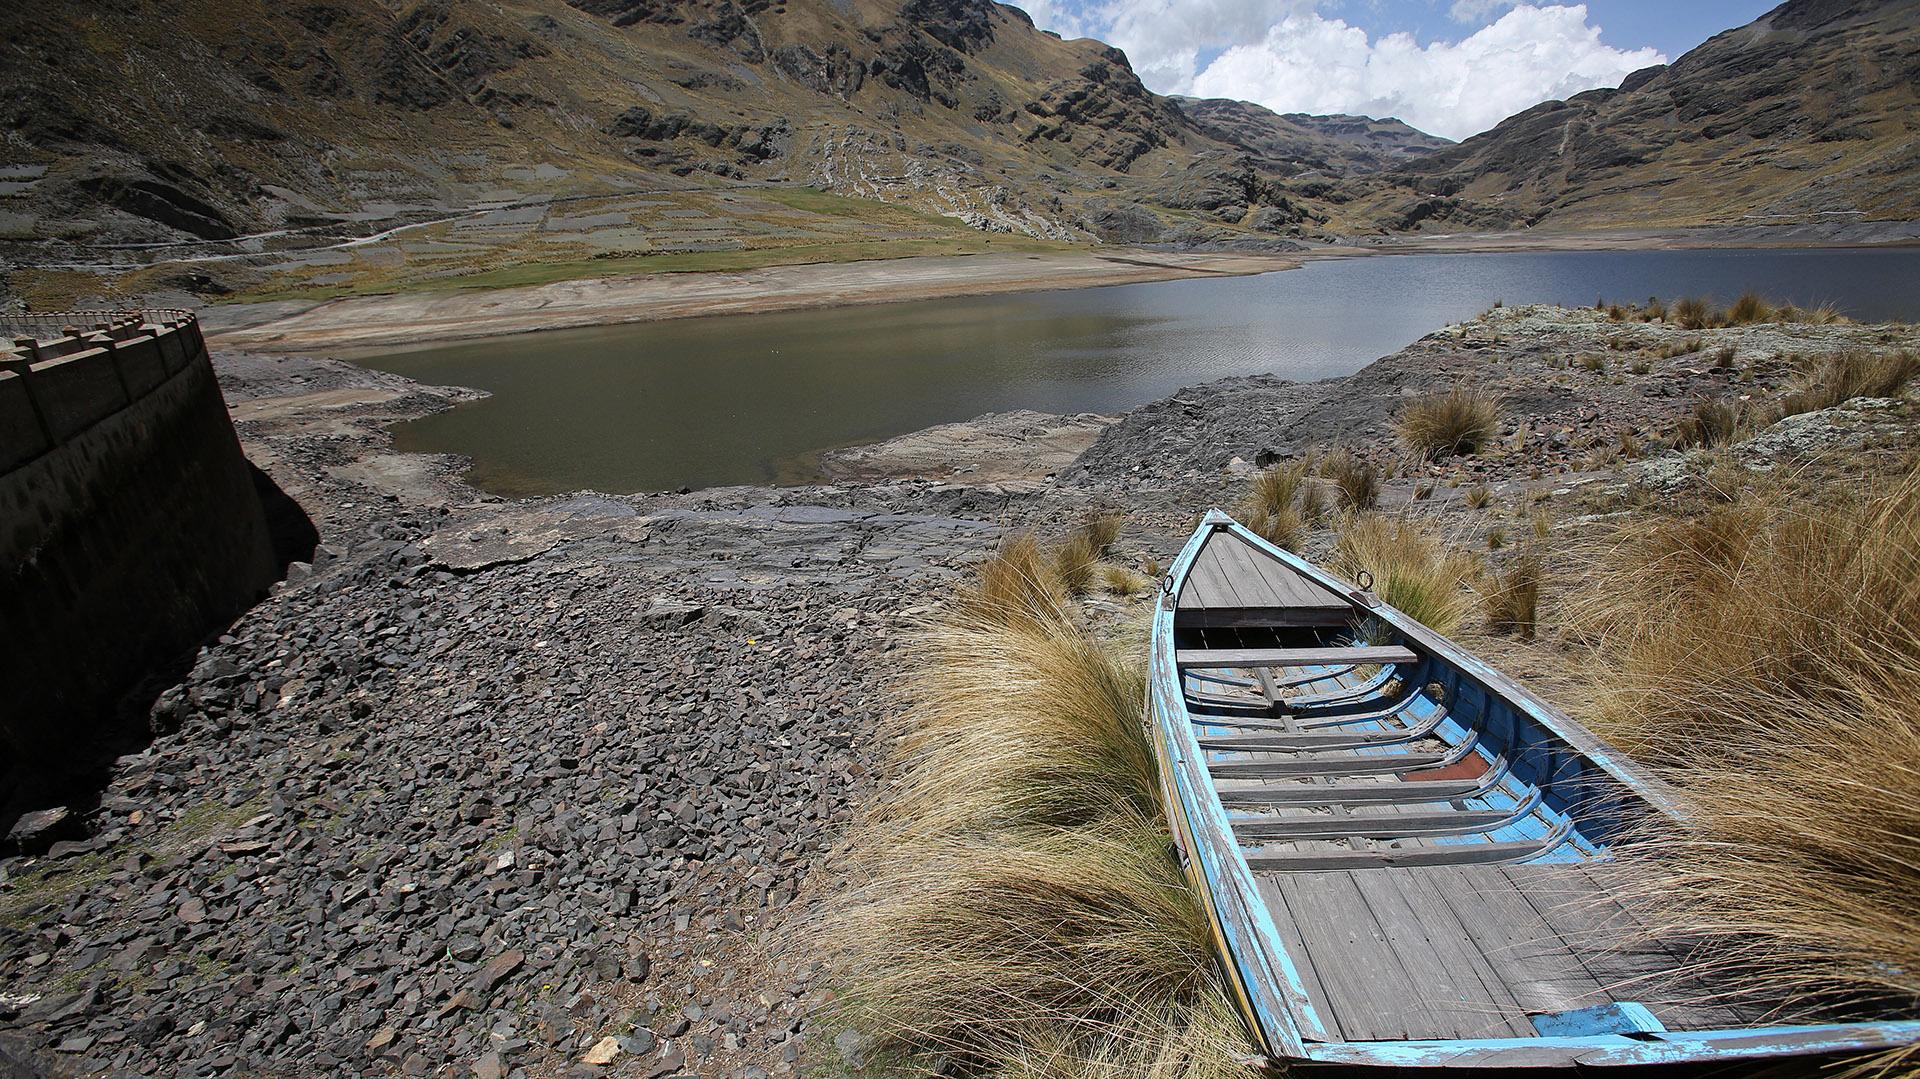 Vista de la represa de Hampaturi, en La Paz, en estado de sequía, lo que provocado racionamientos de agua para alrededor de 340.000 bolivianos (EFE)